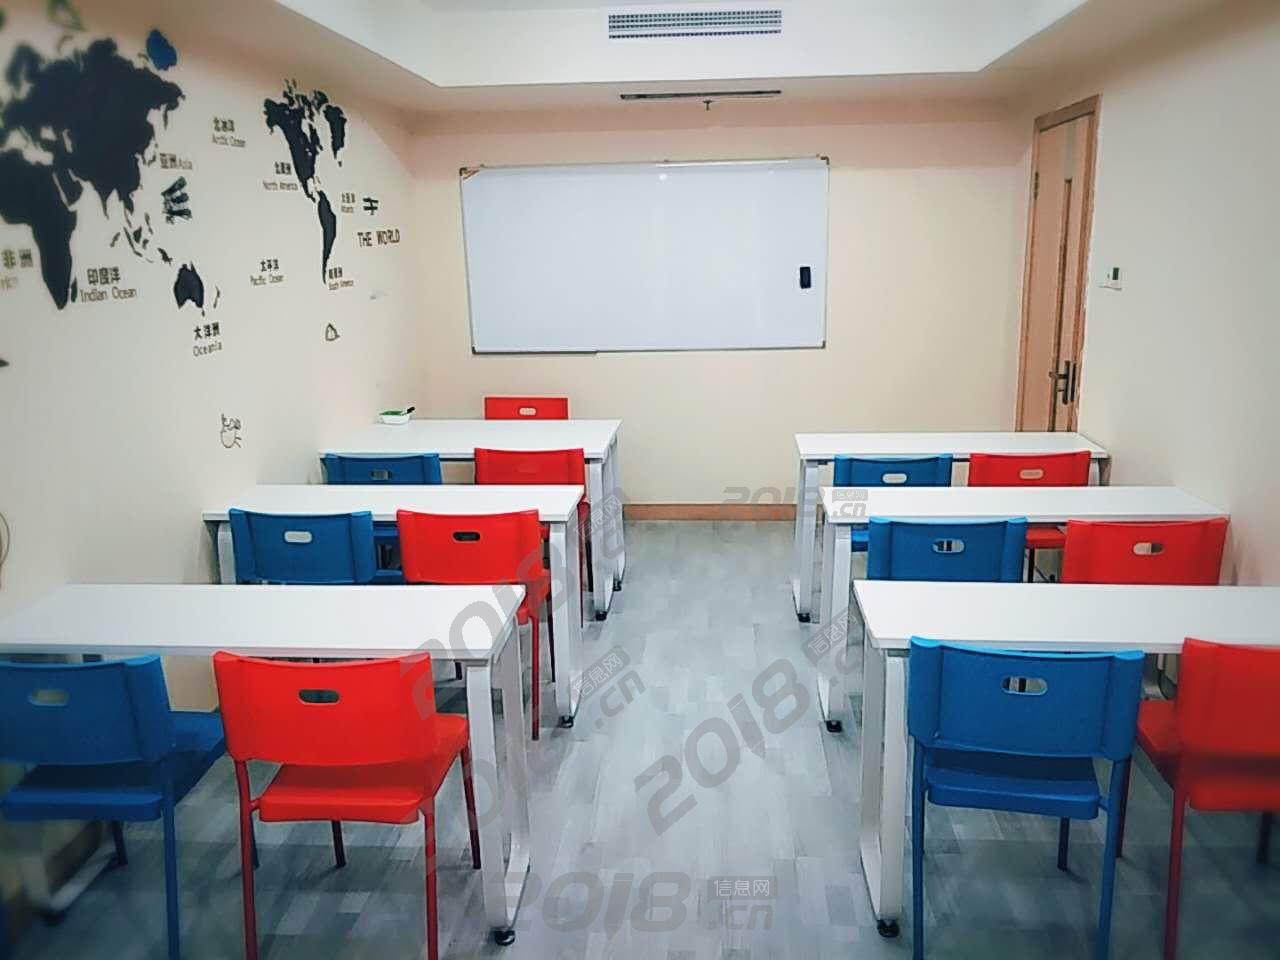 无锡哪家培训机构有韩语等级考试培训班?无锡朗学教育